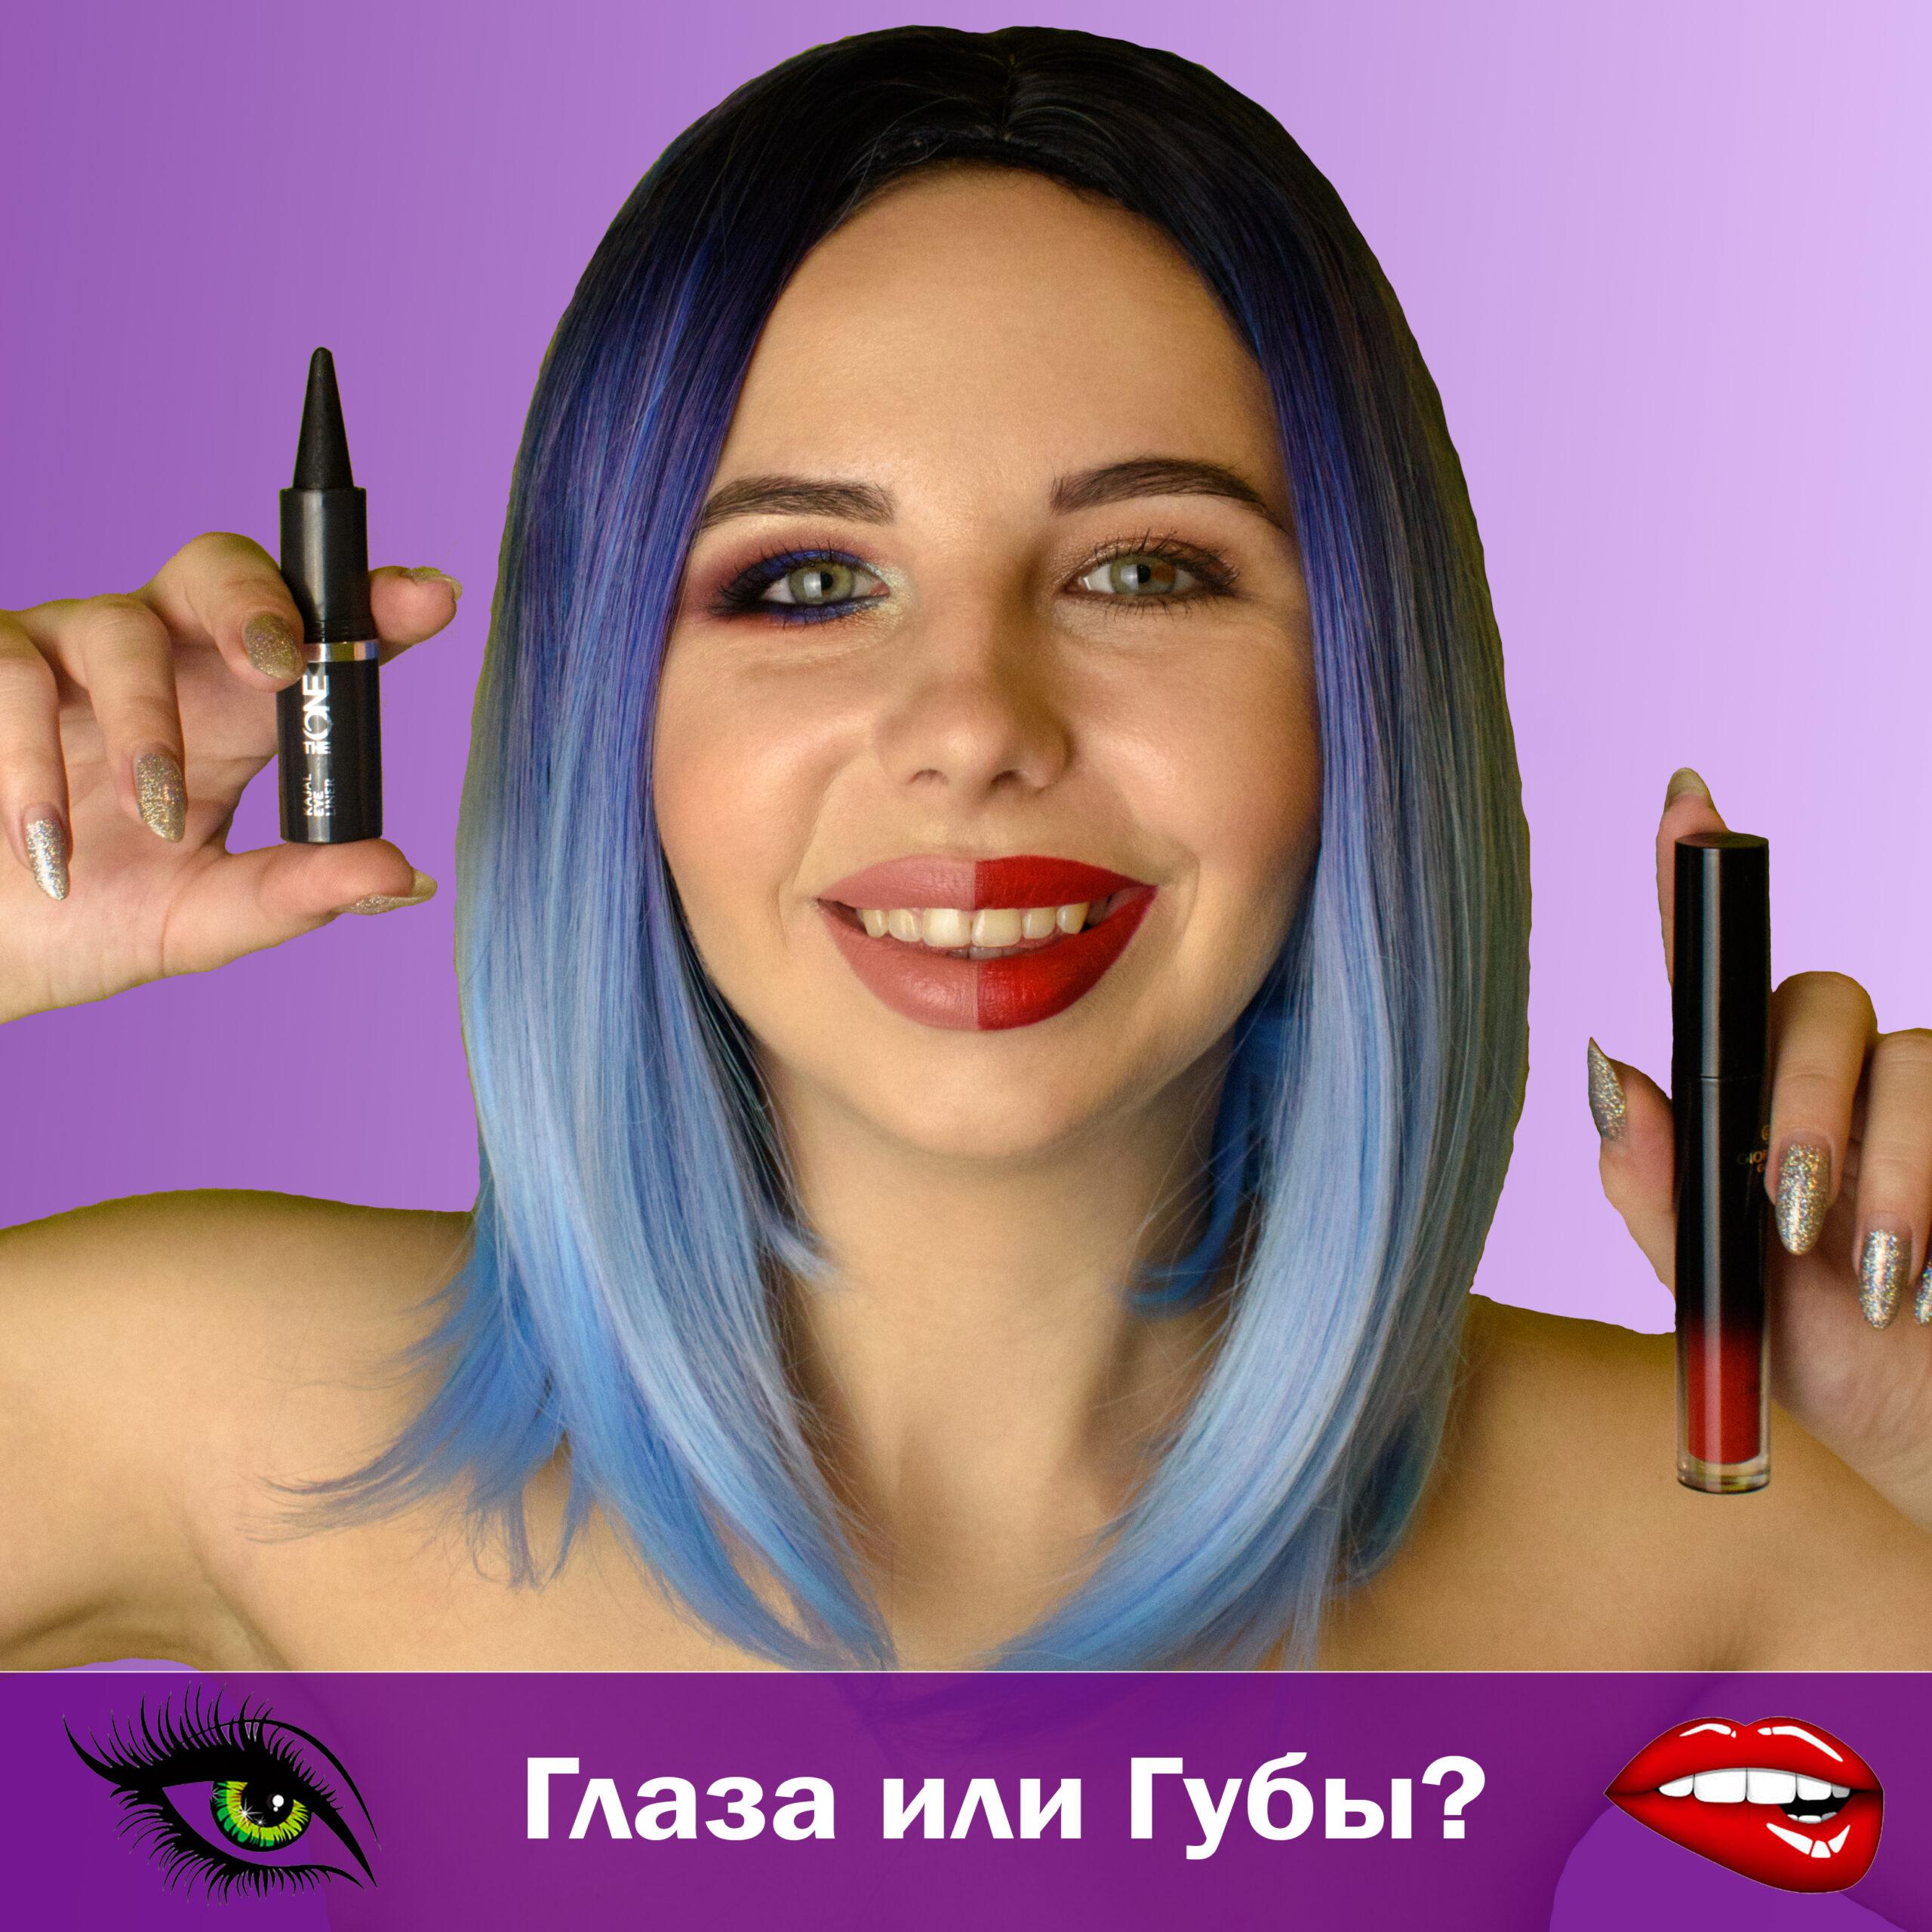 Макияж 2020: акцент на глаза или губы - секреты красоты от Style Wizard